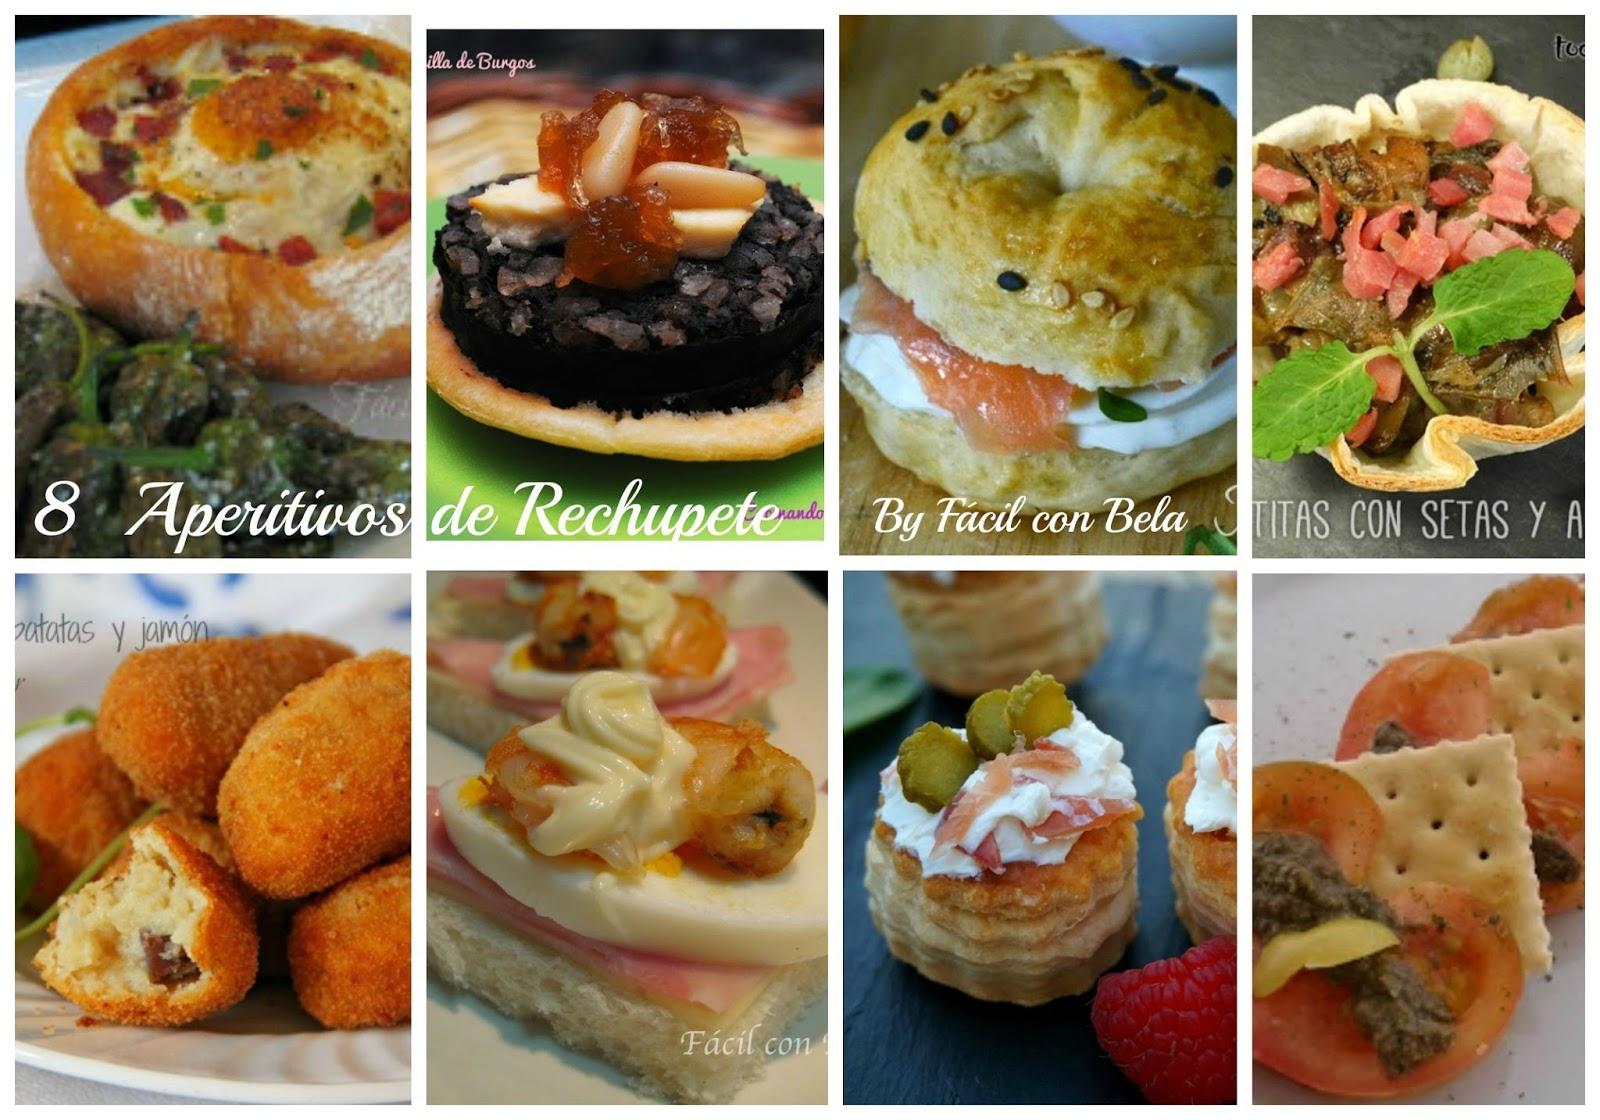 Recetas f cil con bela entrantes y primeros platos for Canapes sencillos y rapidos